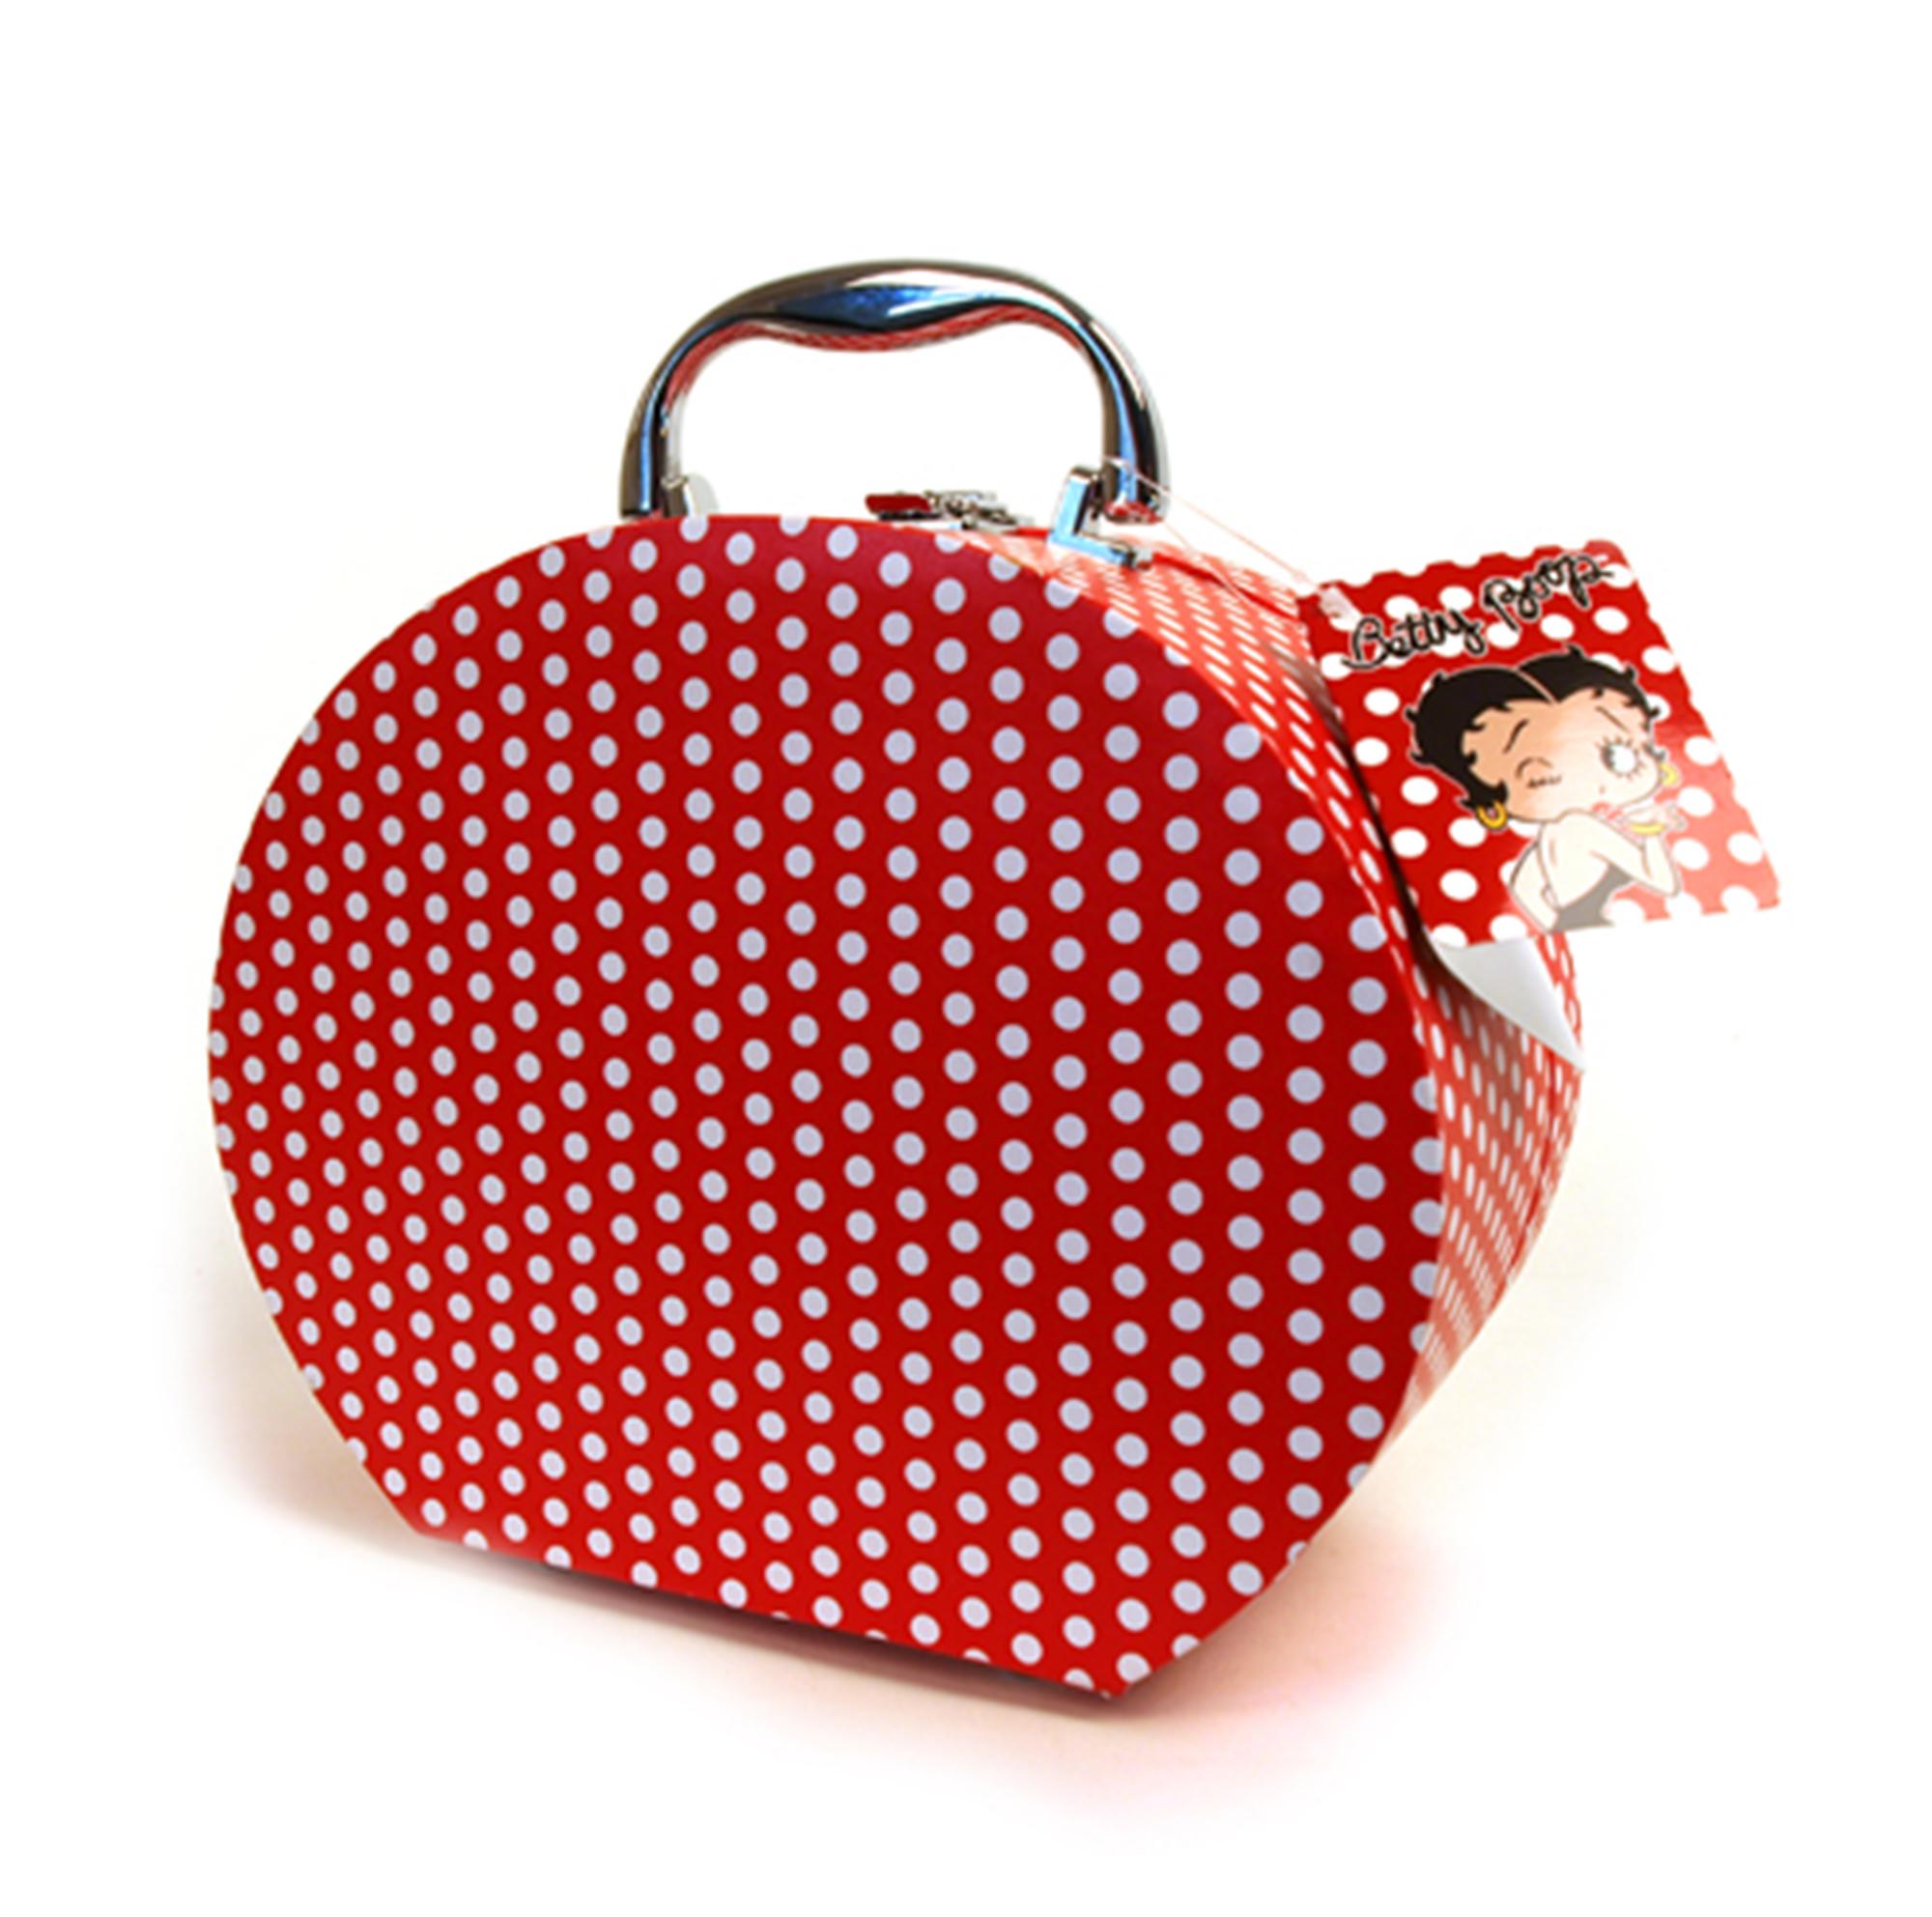 Betty Boop Themed Polkadot Stylish Vanity Case